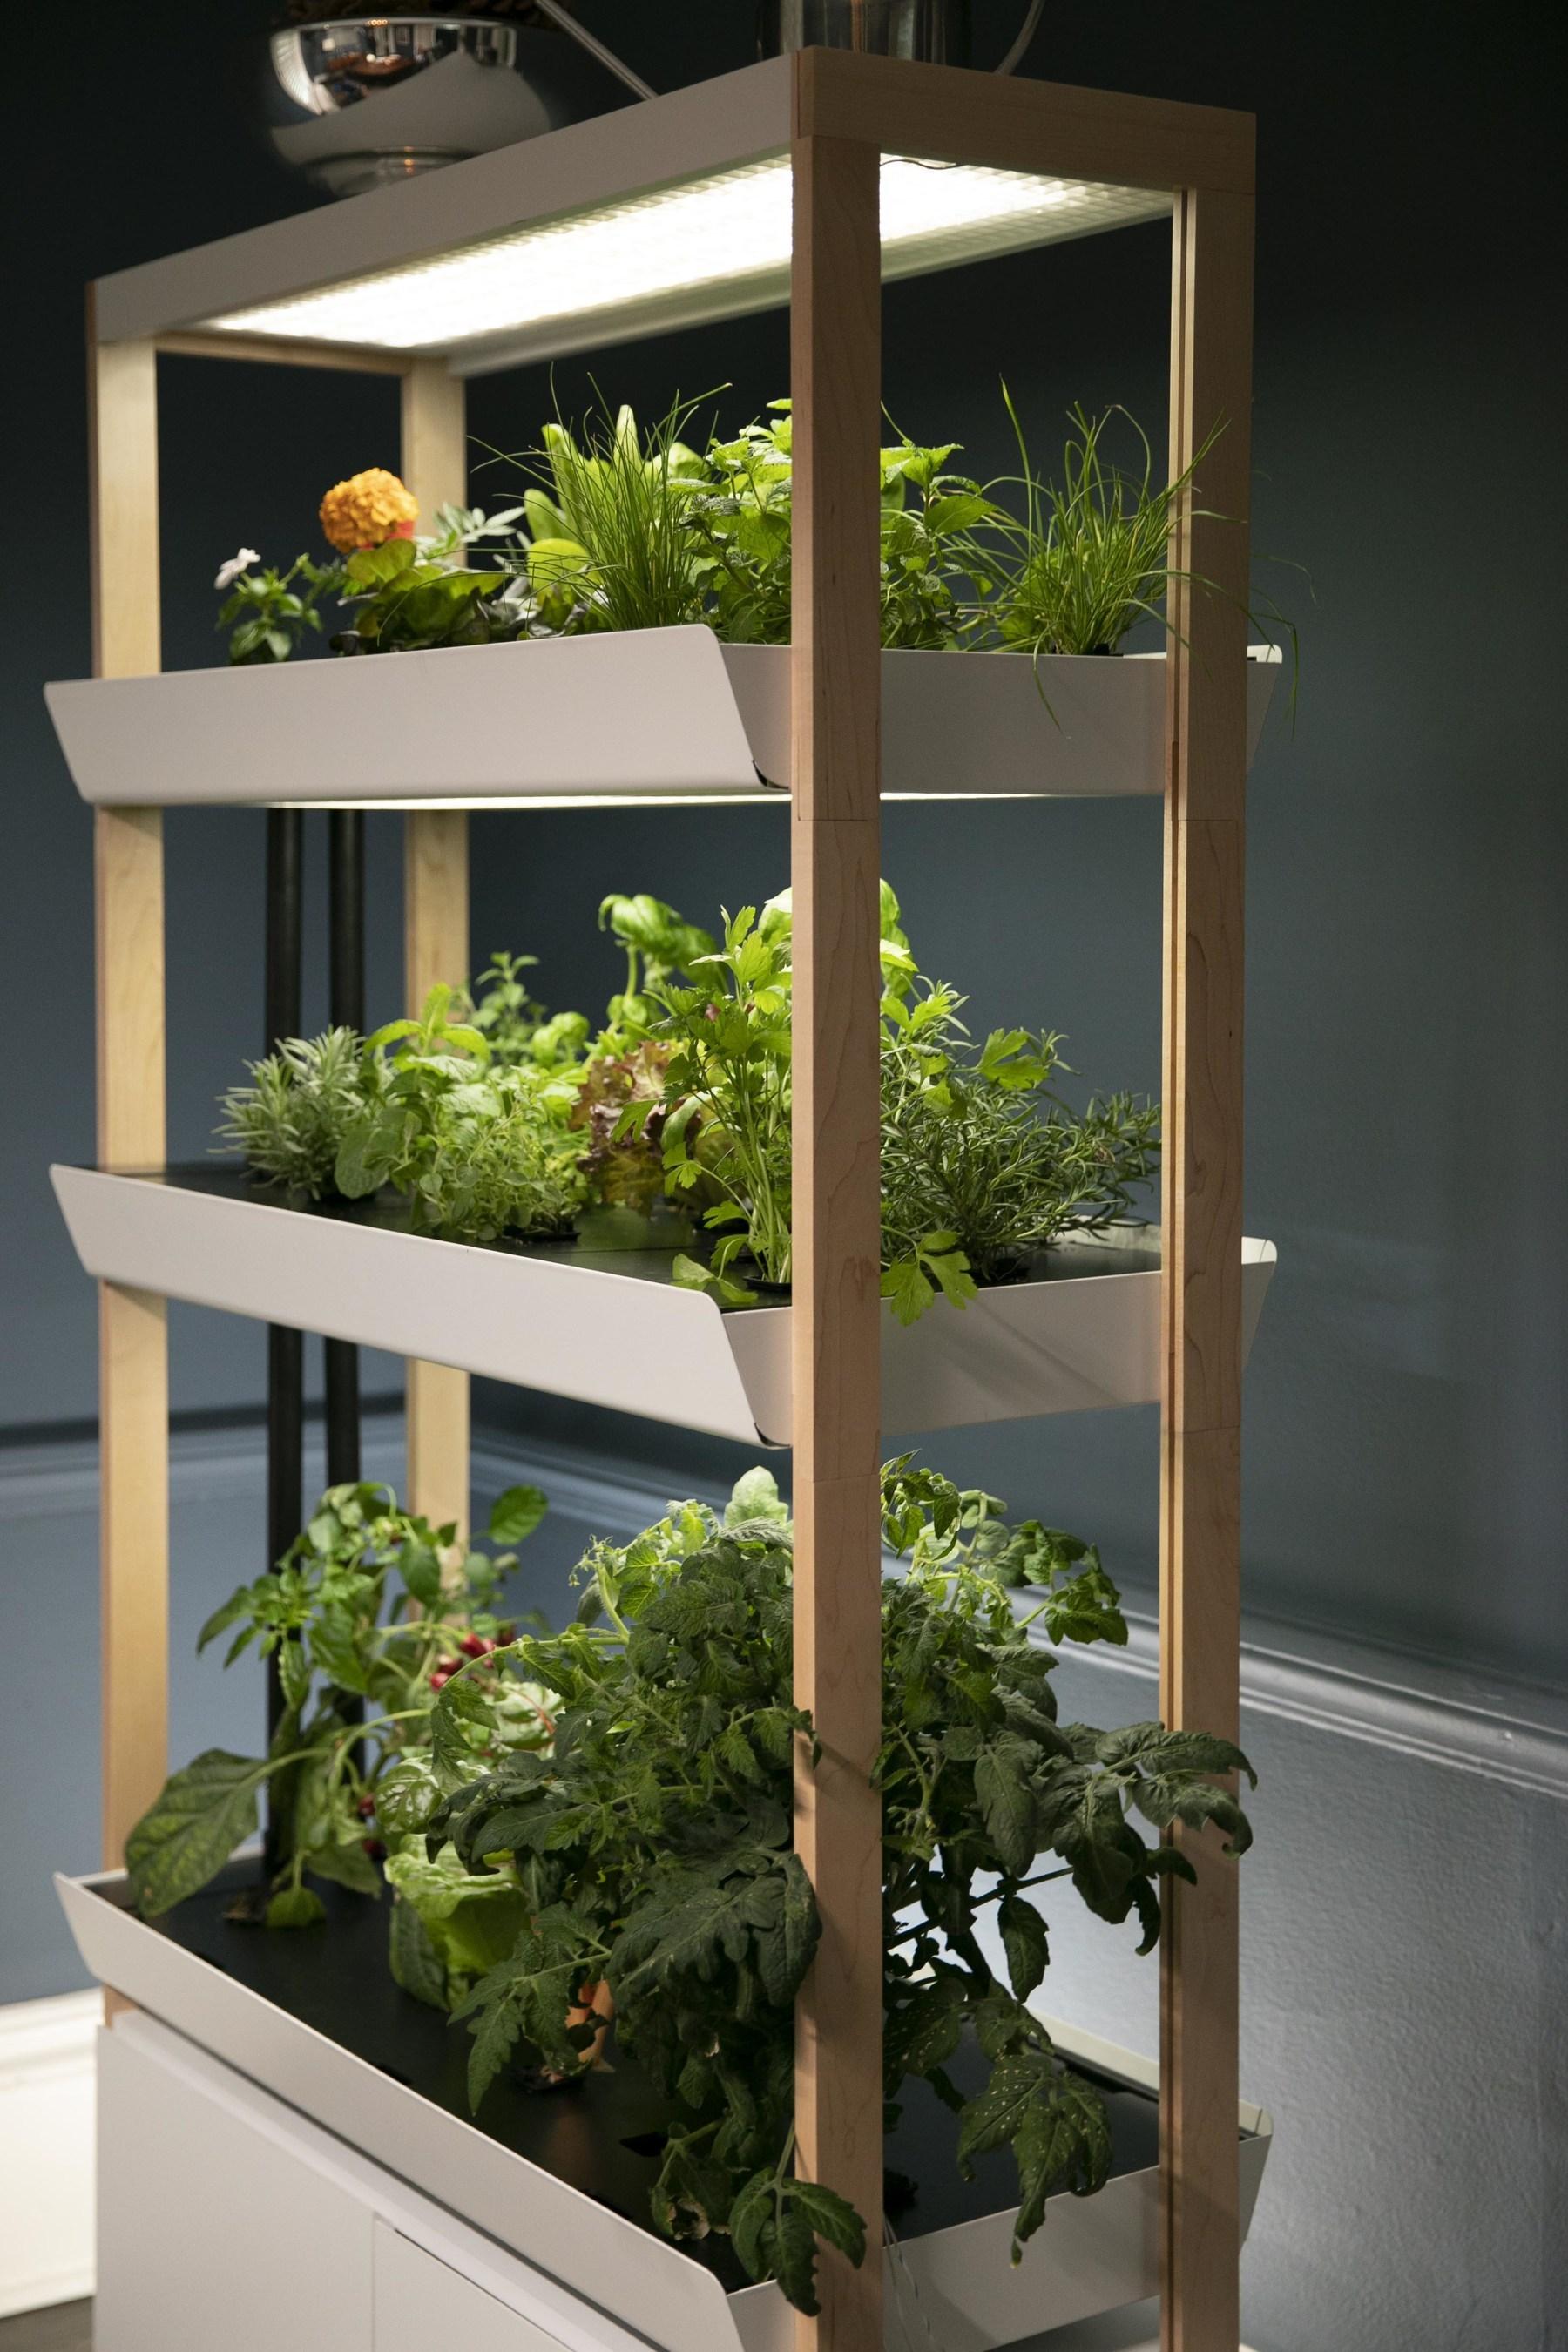 Indoor Gardening Startup Rise Gardens Raises $10.10M Seed Round